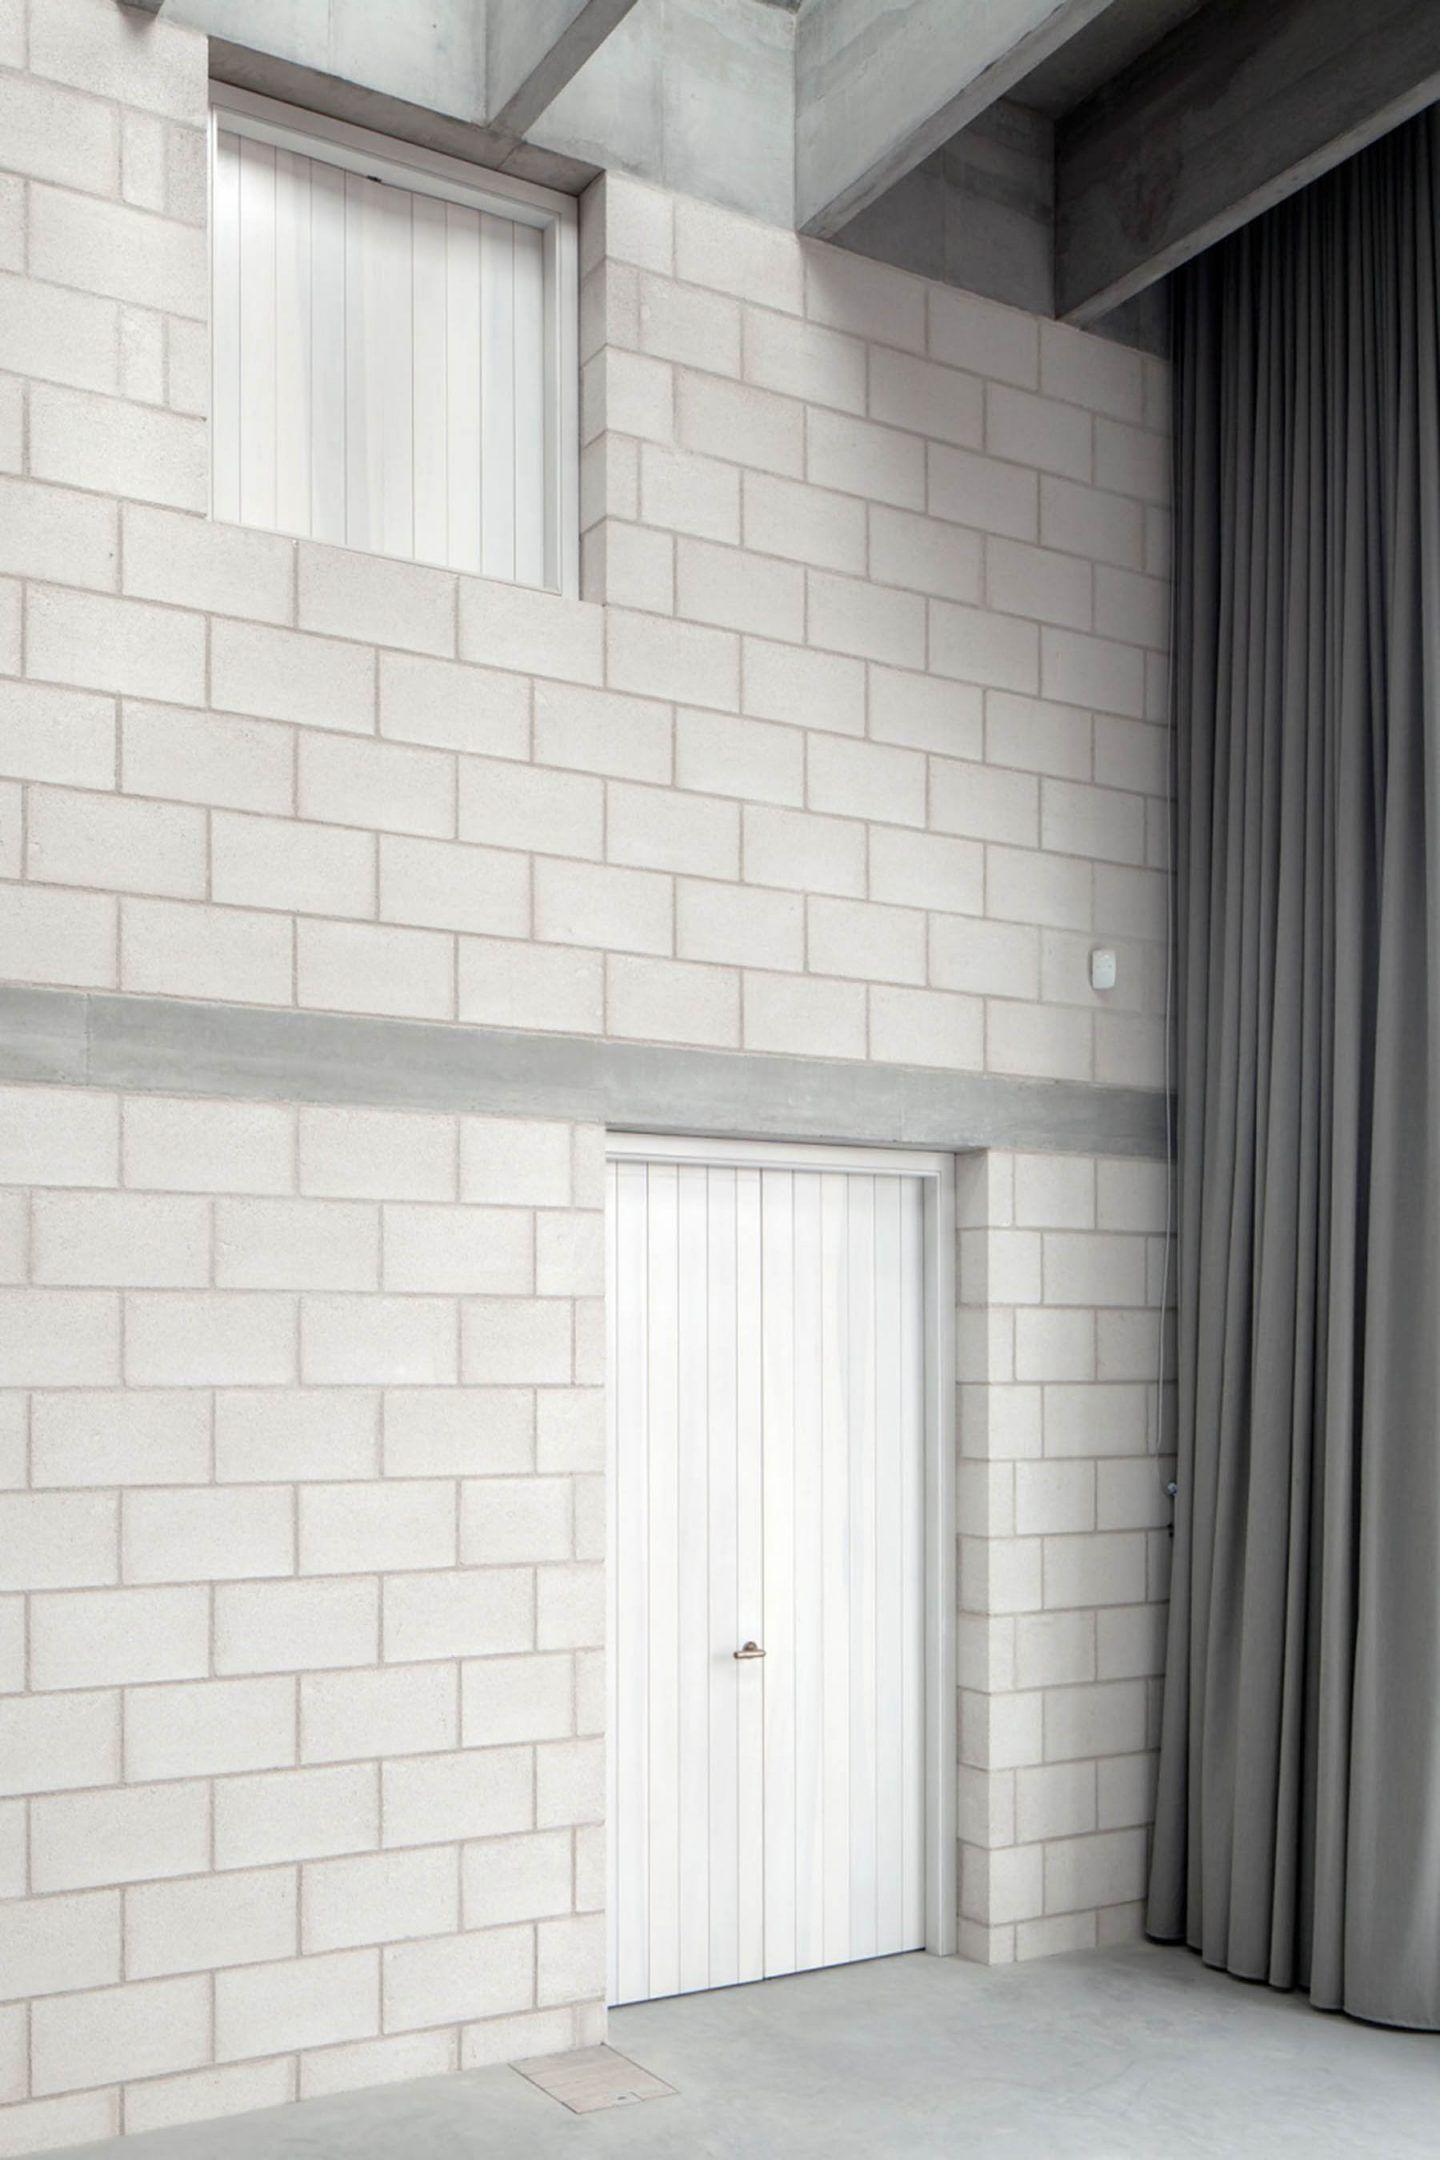 iGNANT-Architecture-6A-Juergen-Teller-Studio-004